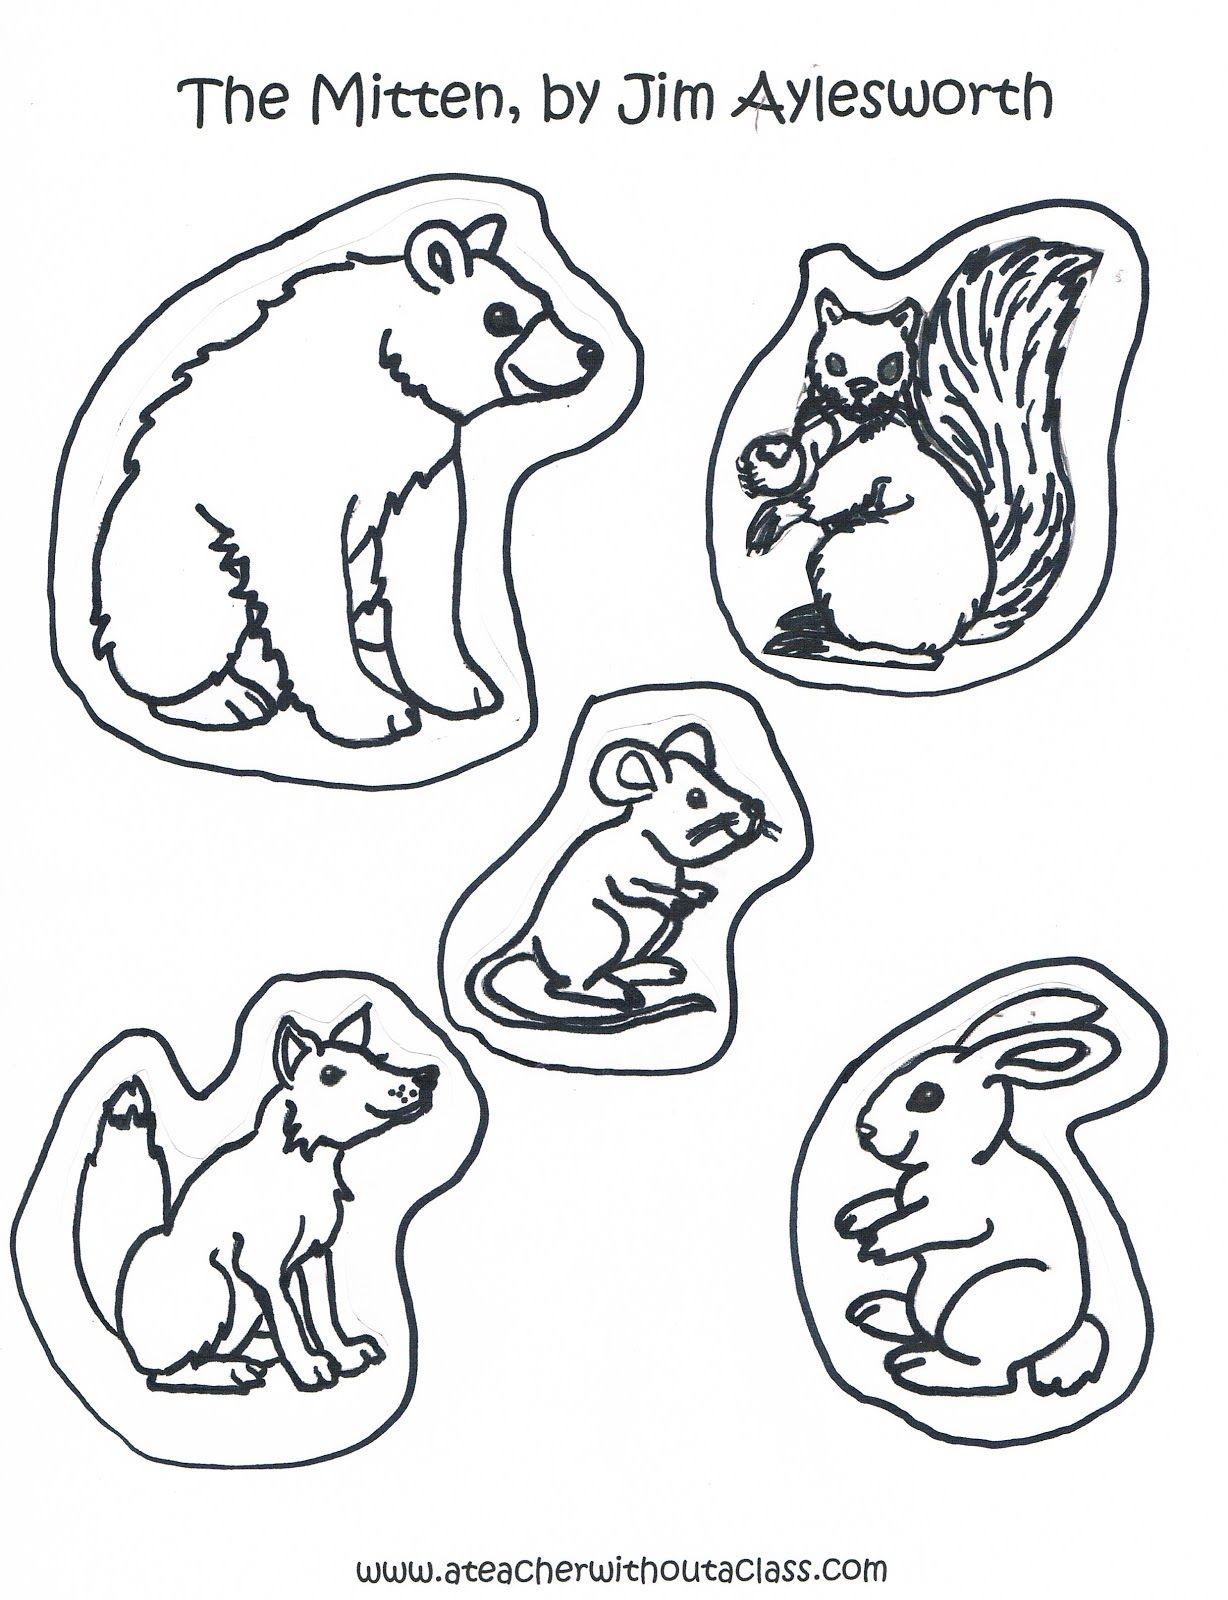 A Teacher Without A Class The Mitten The Animals Animals That Hibernate Mittens Mitten [ 1600 x 1228 Pixel ]